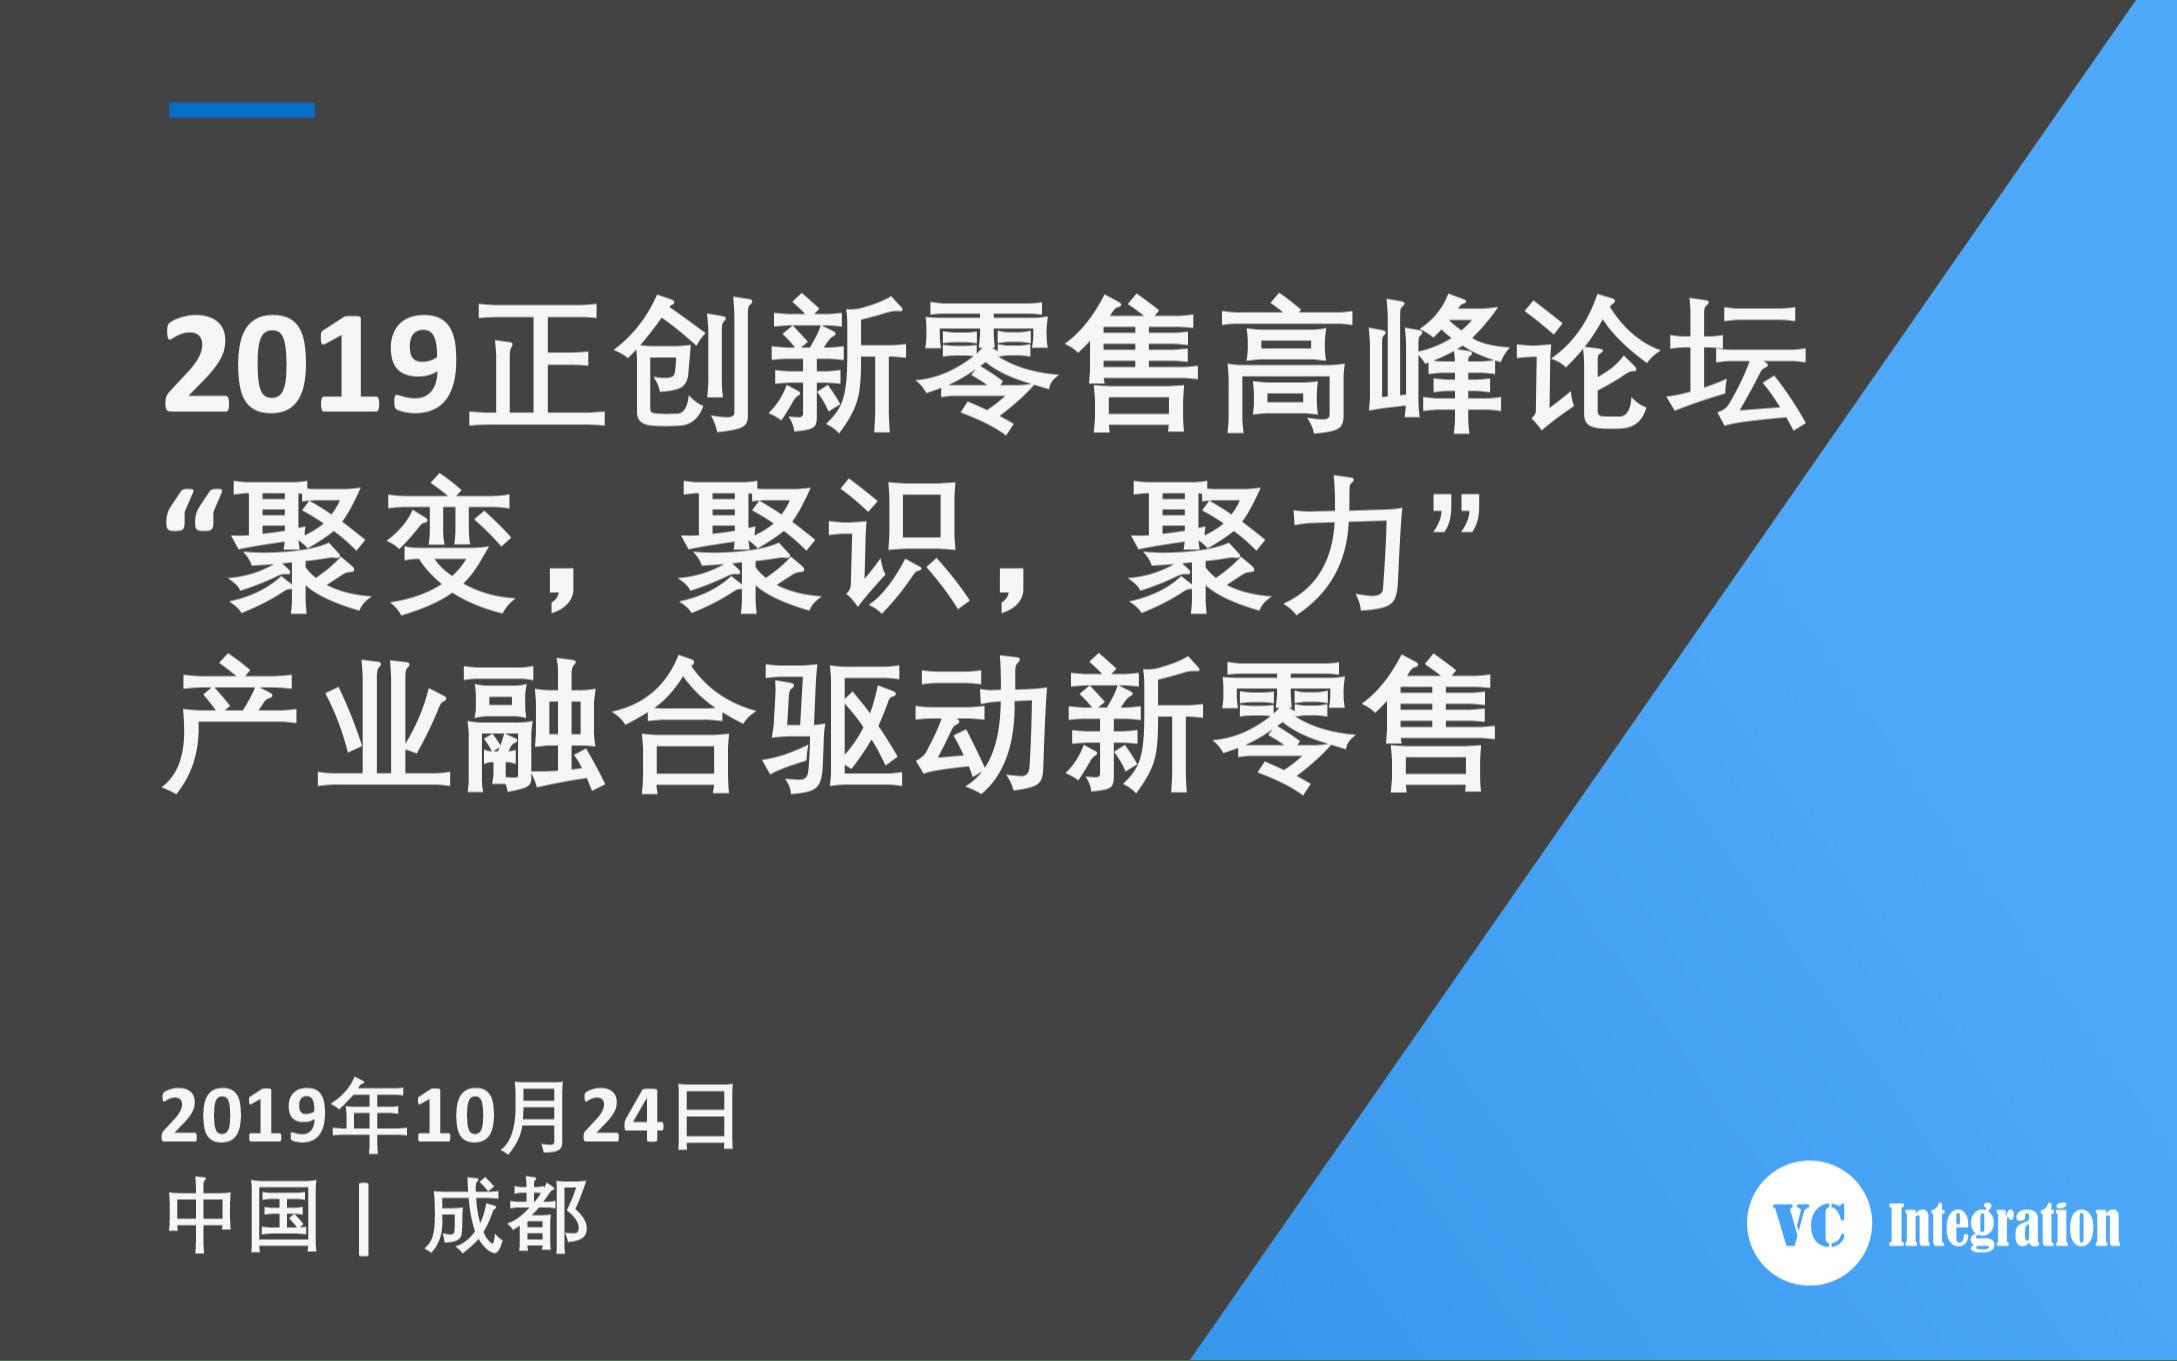 """2019正创新零售高峰论坛(成都) - """"聚变,聚势,聚力"""" 产业融合驱动新零售"""